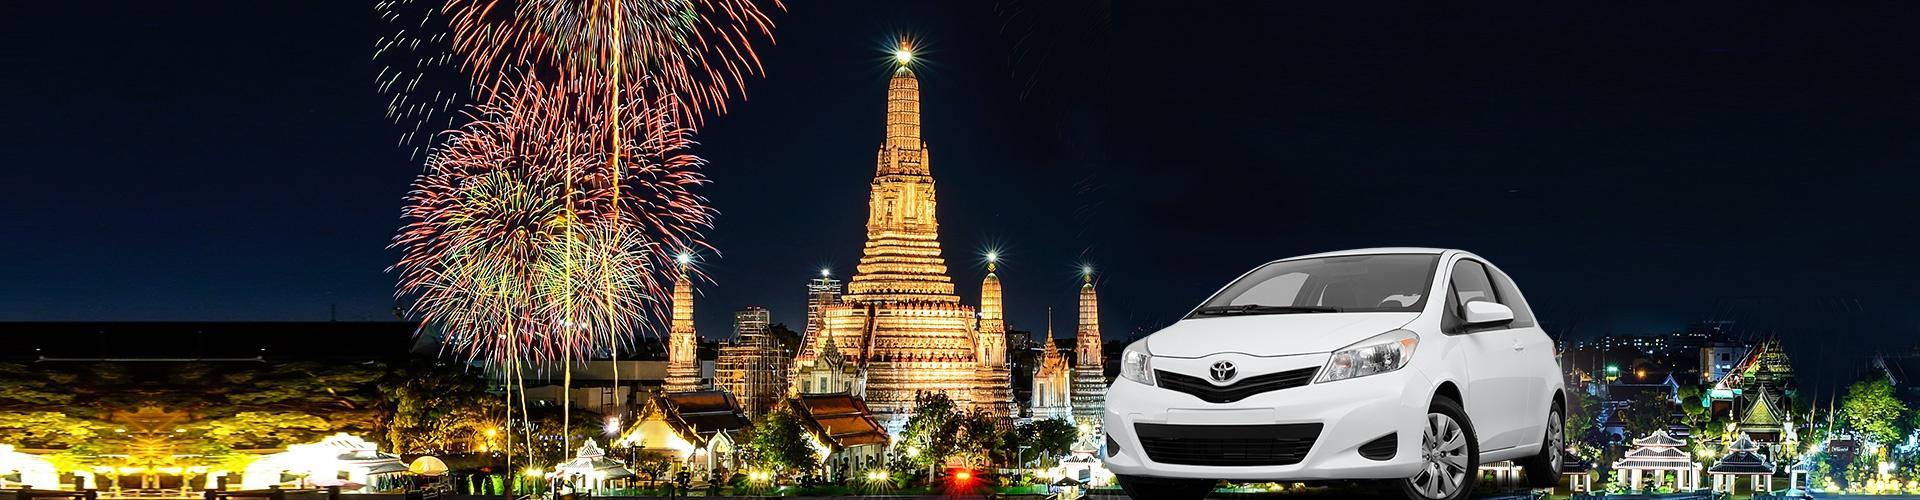 包車遊覽 - 曼谷市區 半天/全天 私人包車服務連司機 Private Car Charter Thailand Bangkok